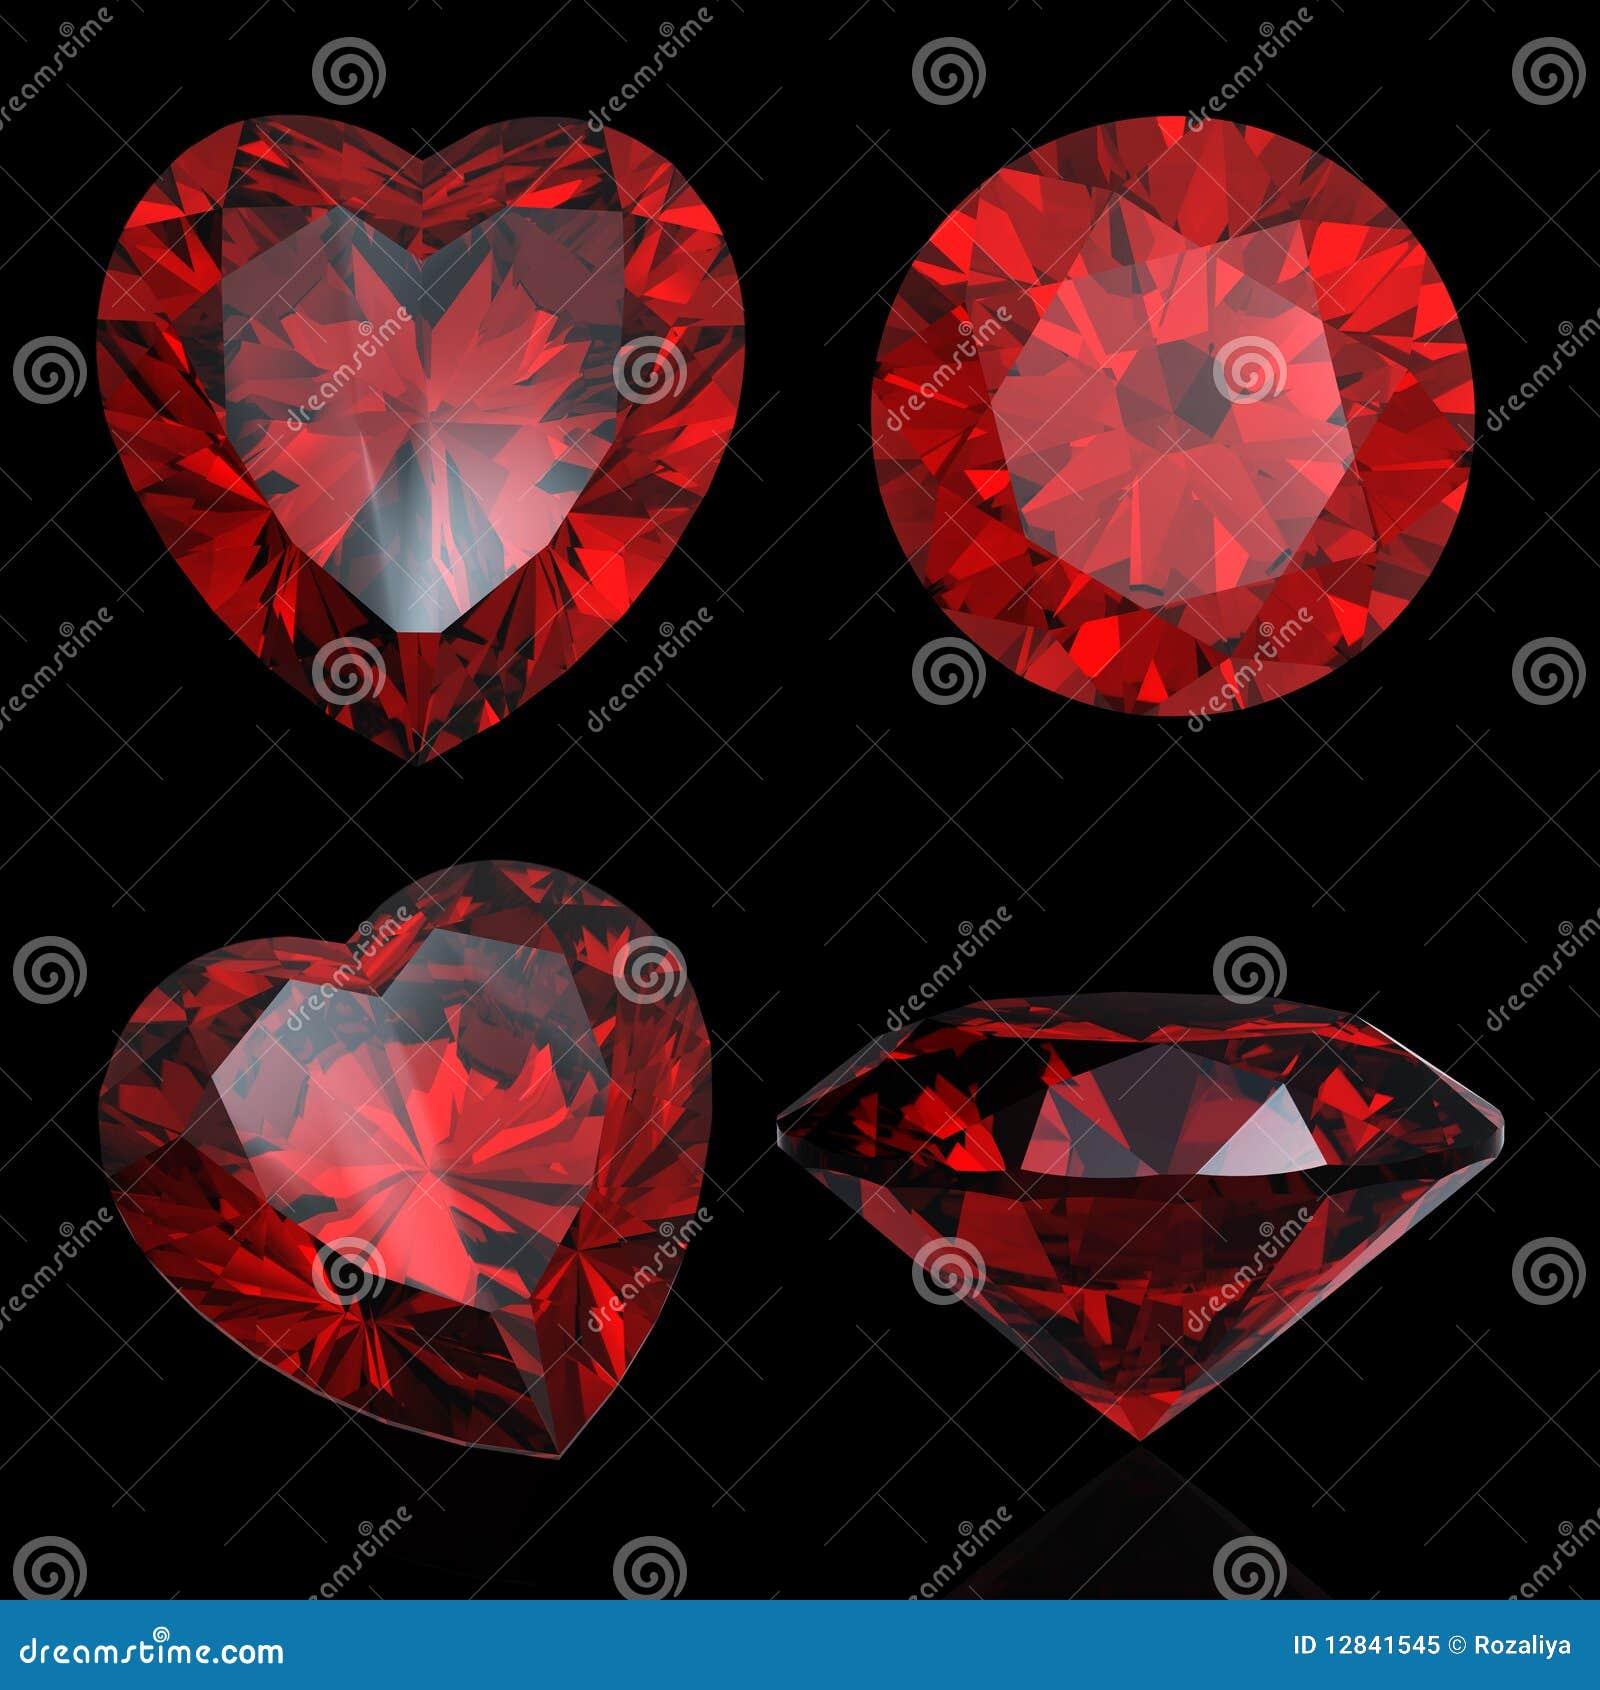 Lacrimas de Issei Jogo-cora%C3%A7%C3%A3o-vermelho-do-rubi-e-da-grandada-dados-forma-12841545